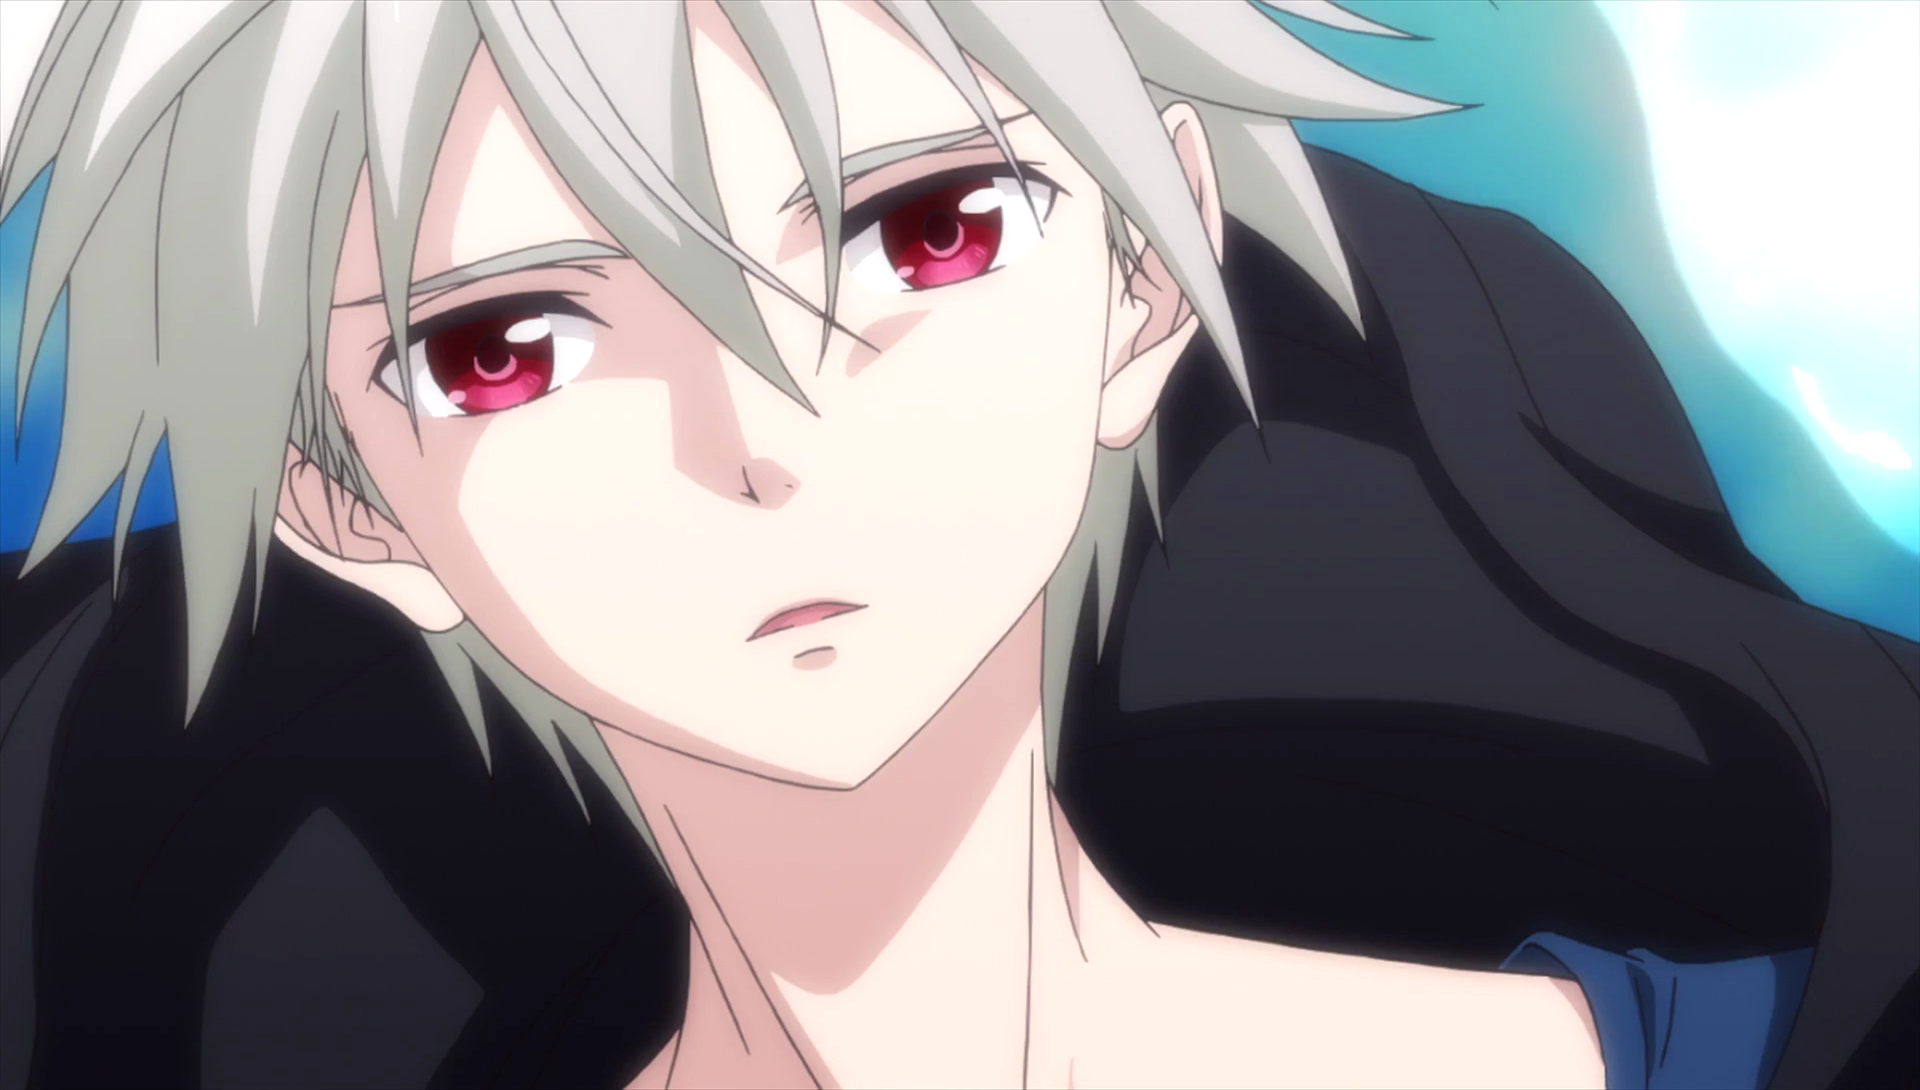 [Anime] Trickster Edogawa Ranpo Episode 1 Review Mirage